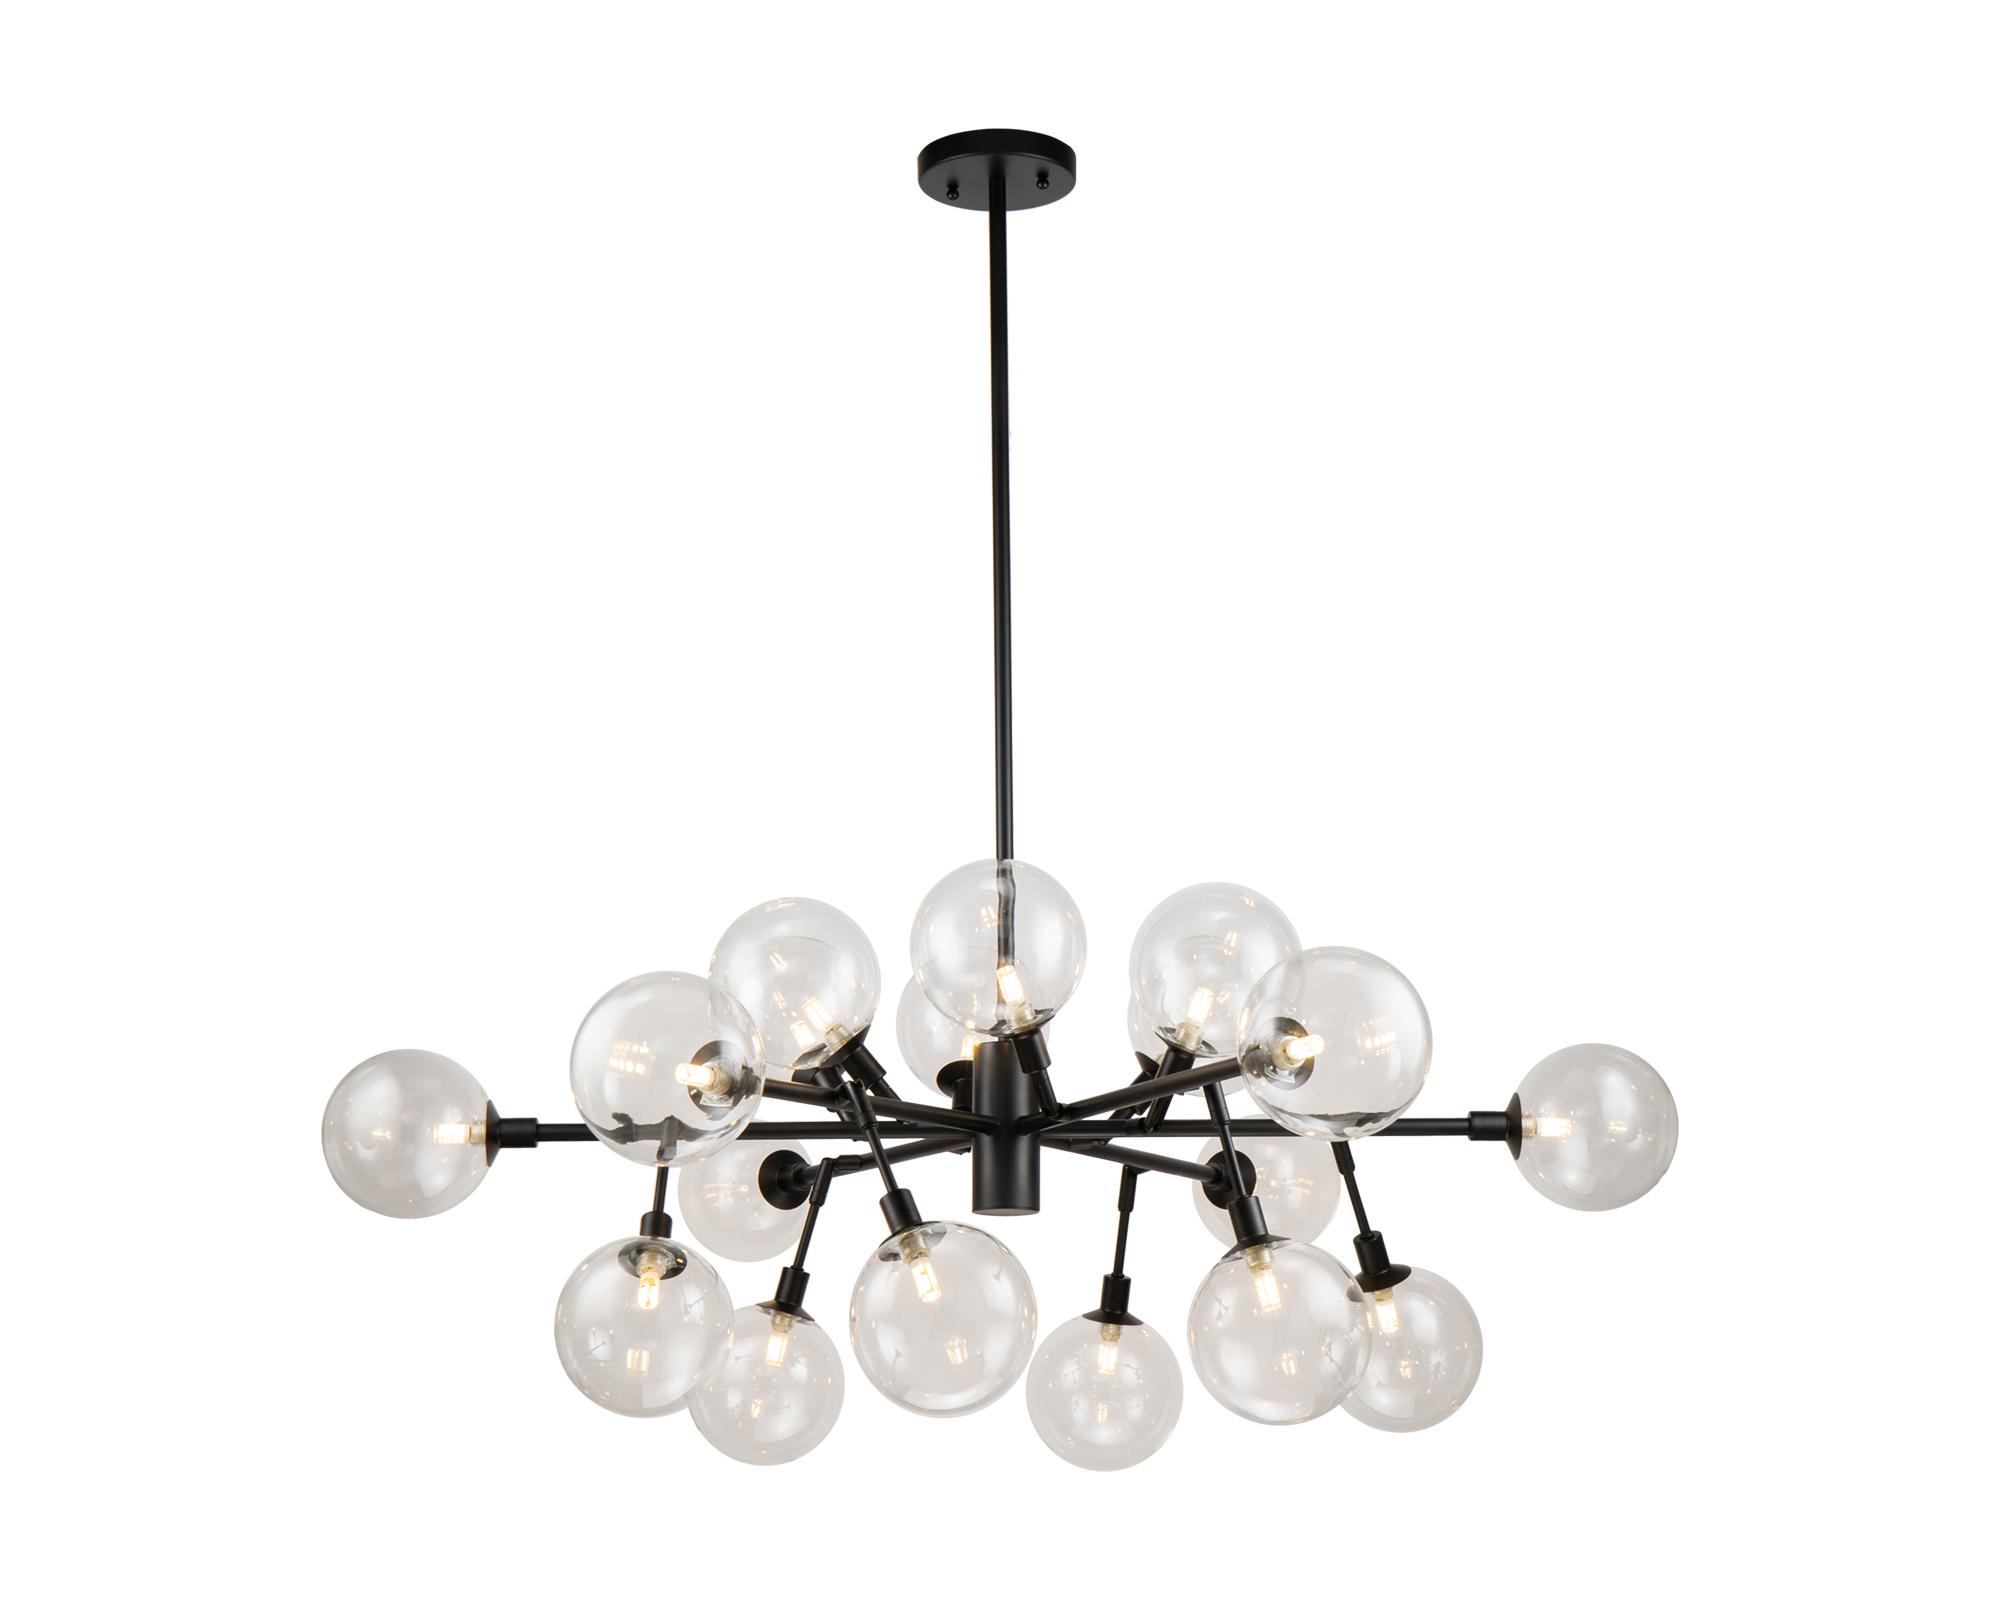 Baldwin Ceiling Lamp Luxury Lighting Liang Eimil